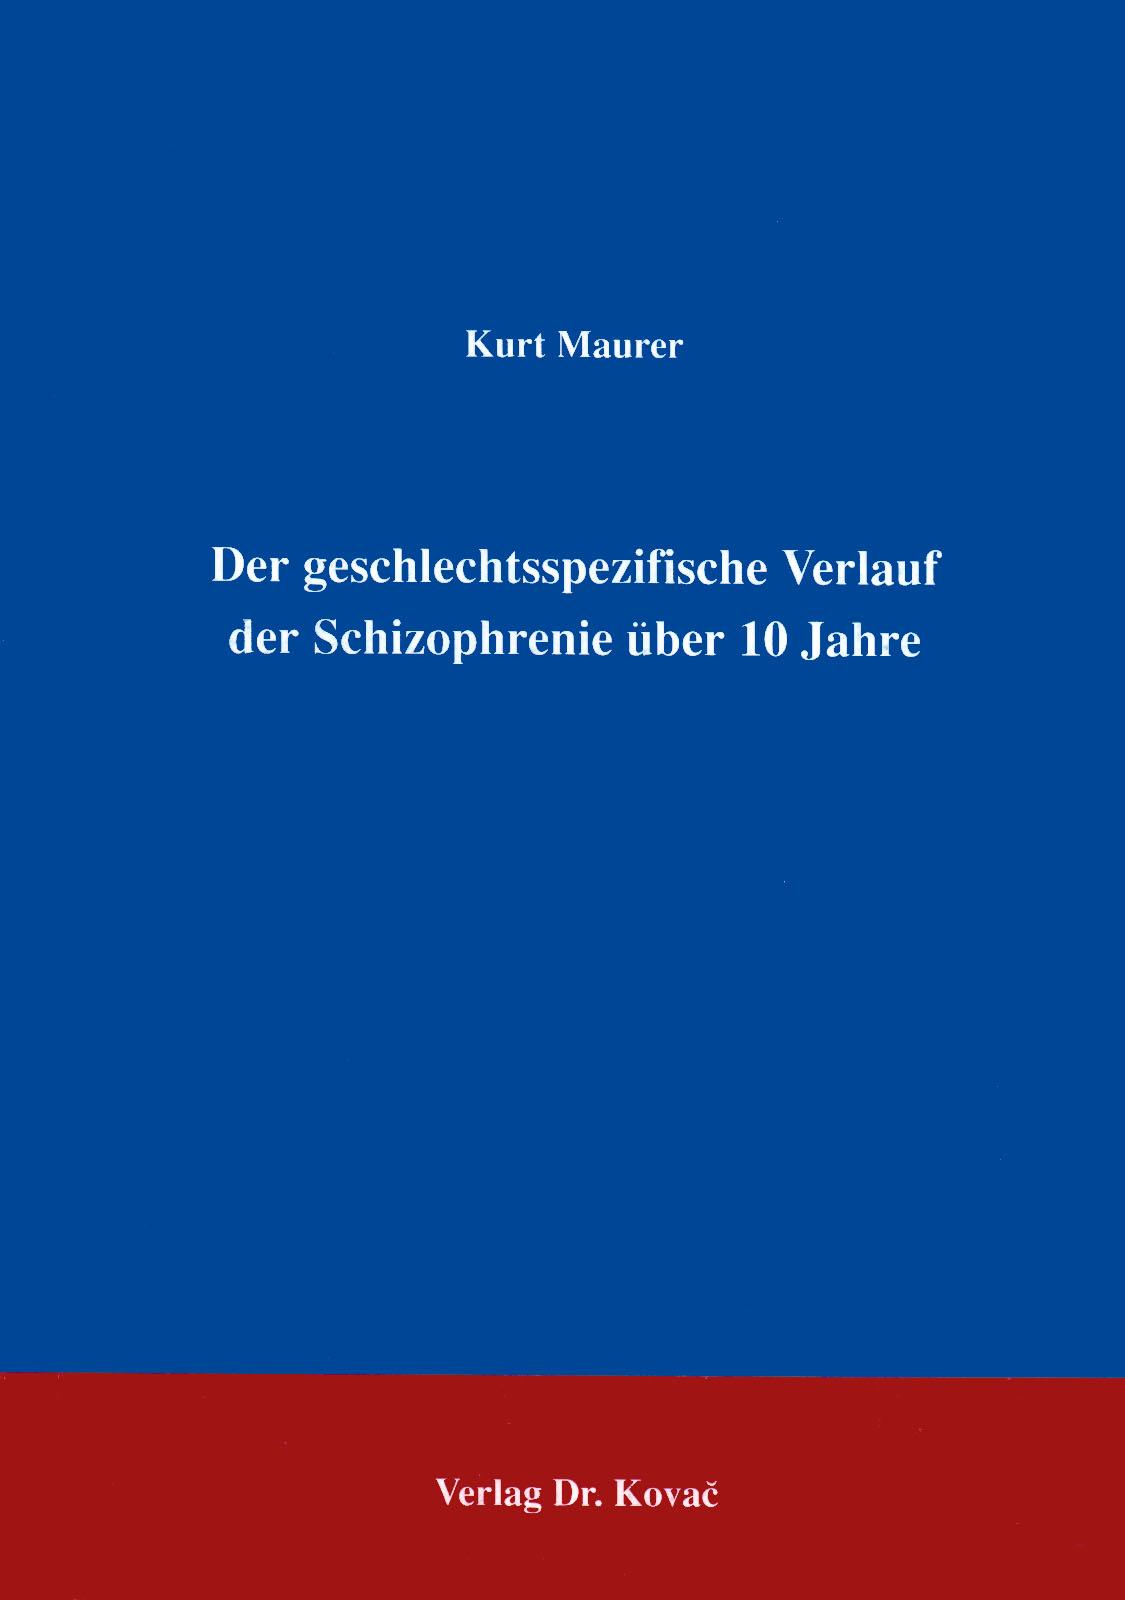 Cover: Der geschlechtsspezifische Verlauf der Schizophrenie über 10 Jahre